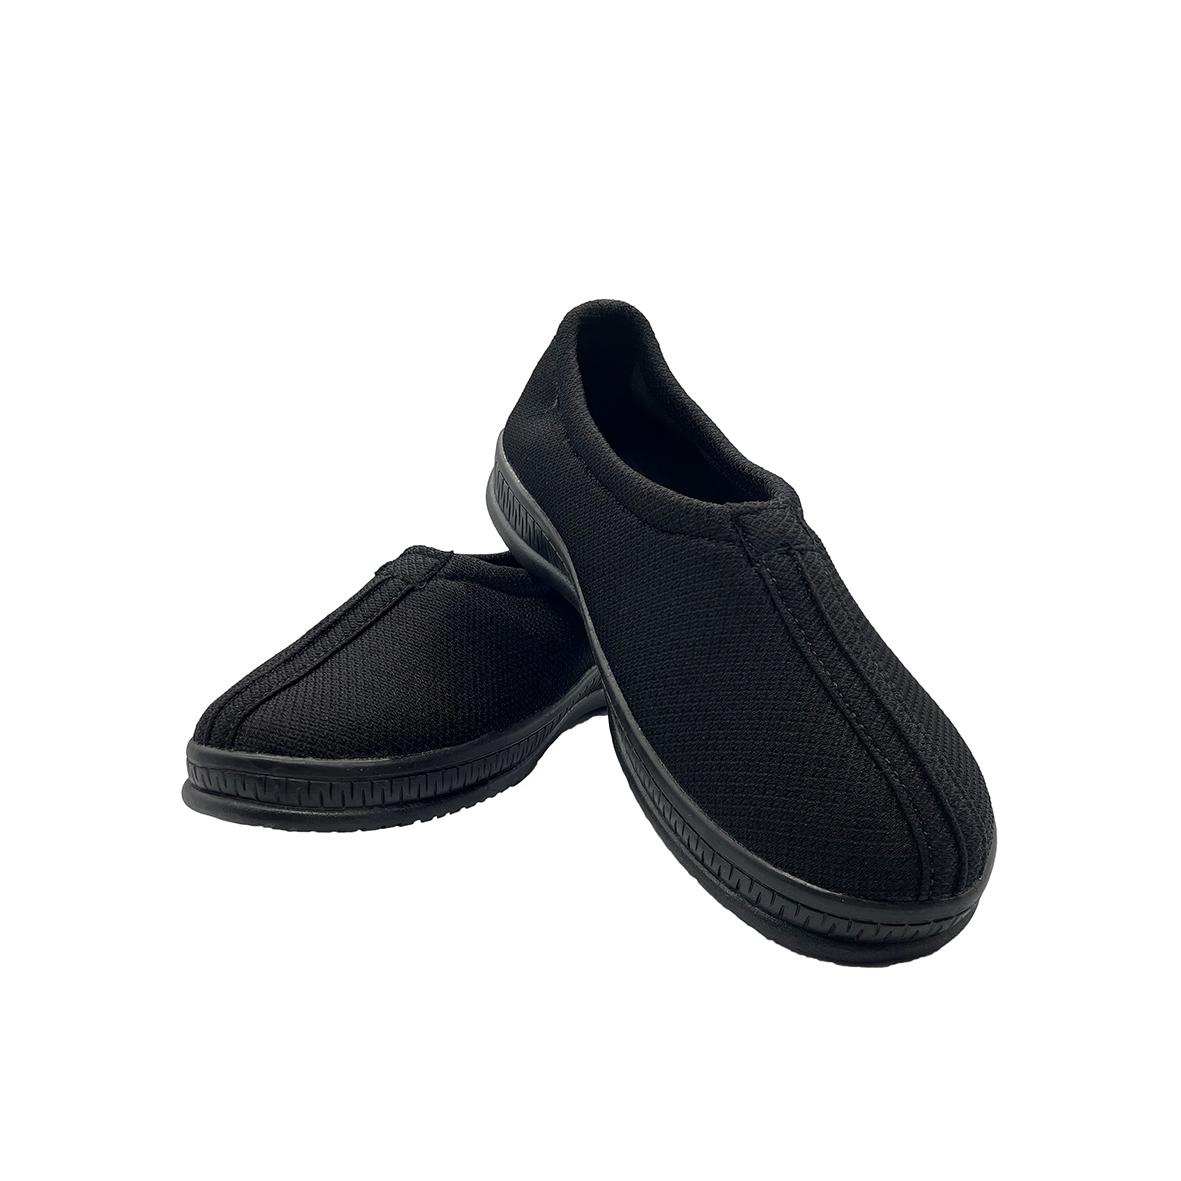 《雅客》足弓鞋、居士鞋、合掌鞋 (四色)